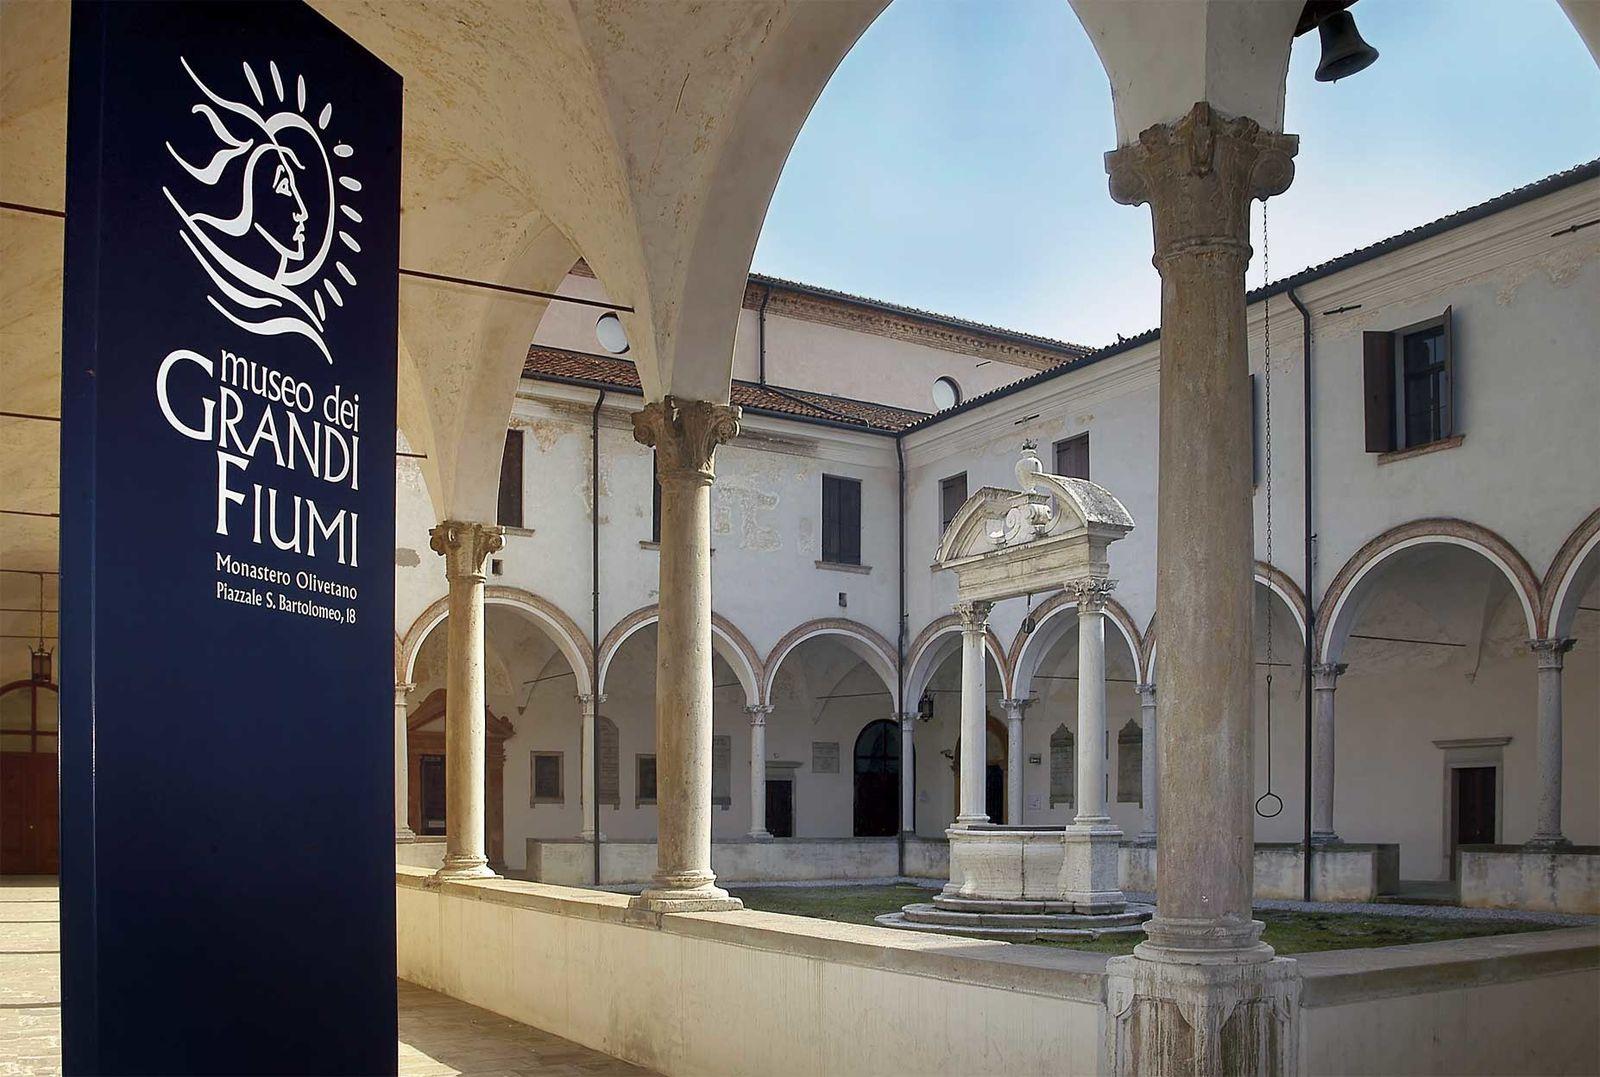 Liberiamo la cultura: Il Museo dei Grandi Fiumi